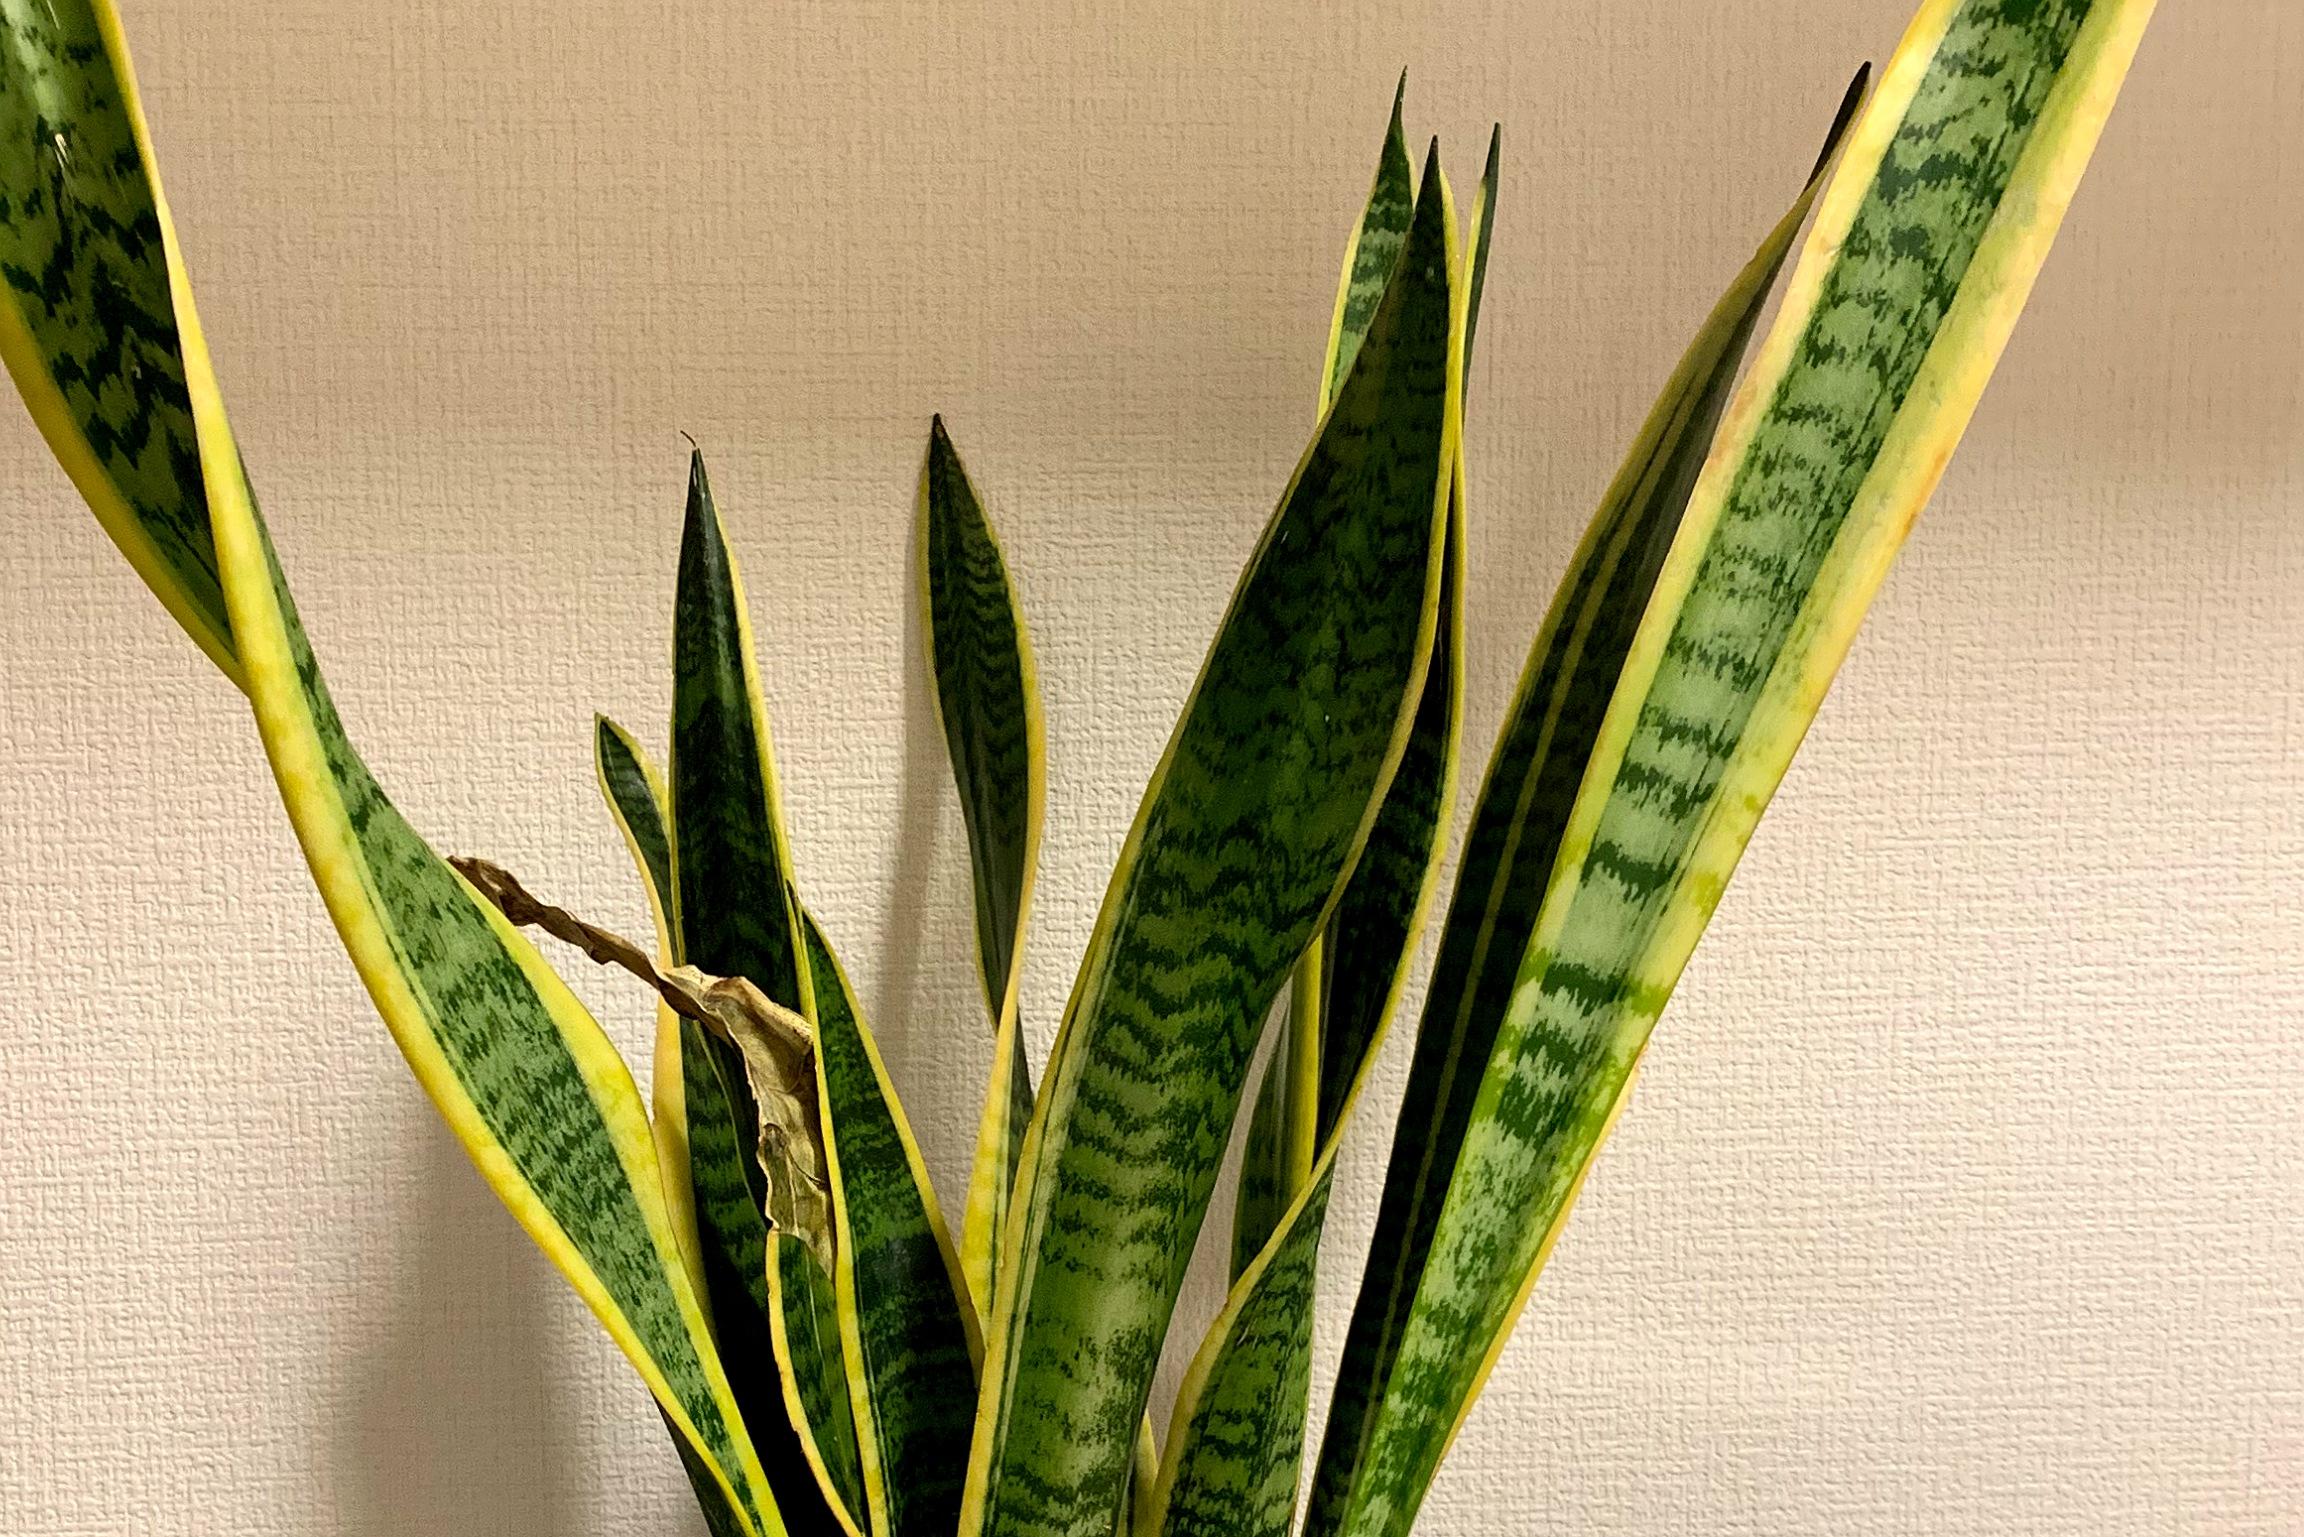 札幌の室内で植物を冬でも育てられる?観葉植物のおすすめ☆